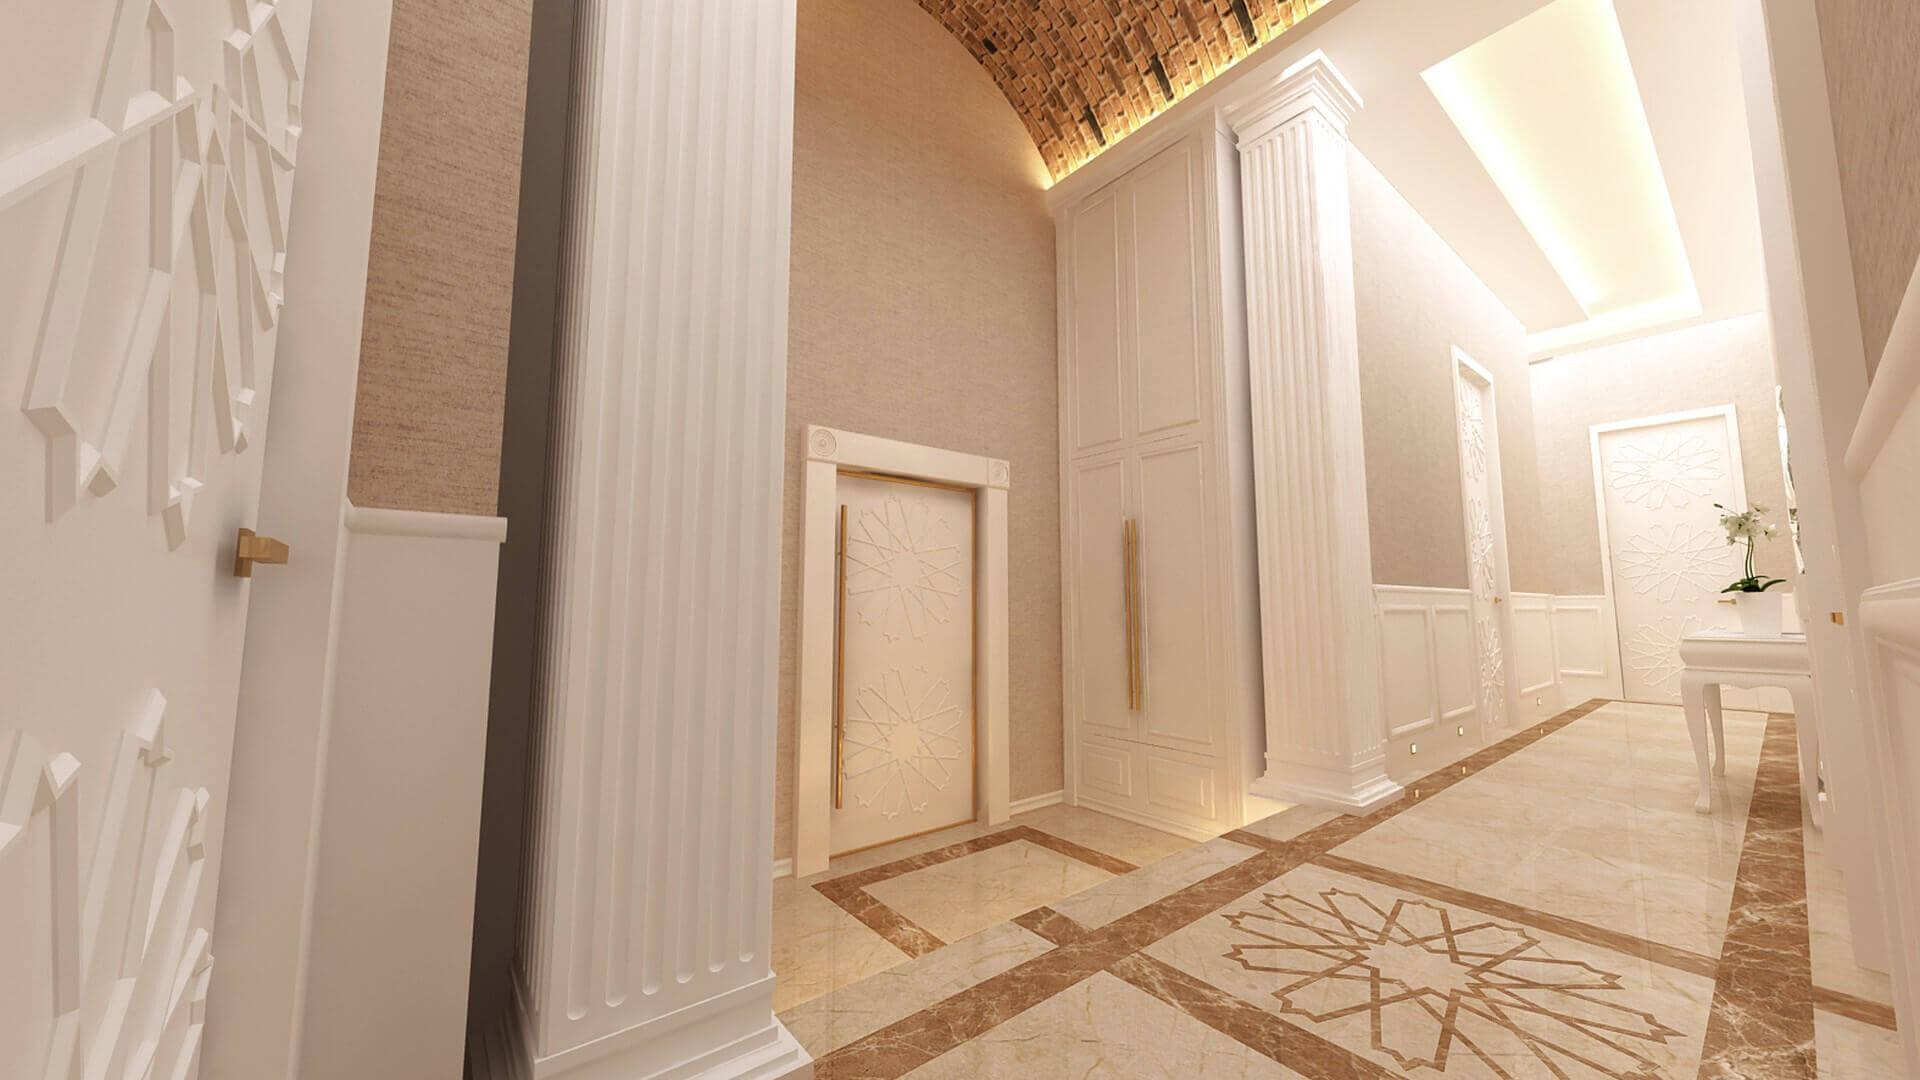 ev dekorasyonu 3025 Oran Rezidans Konutlar